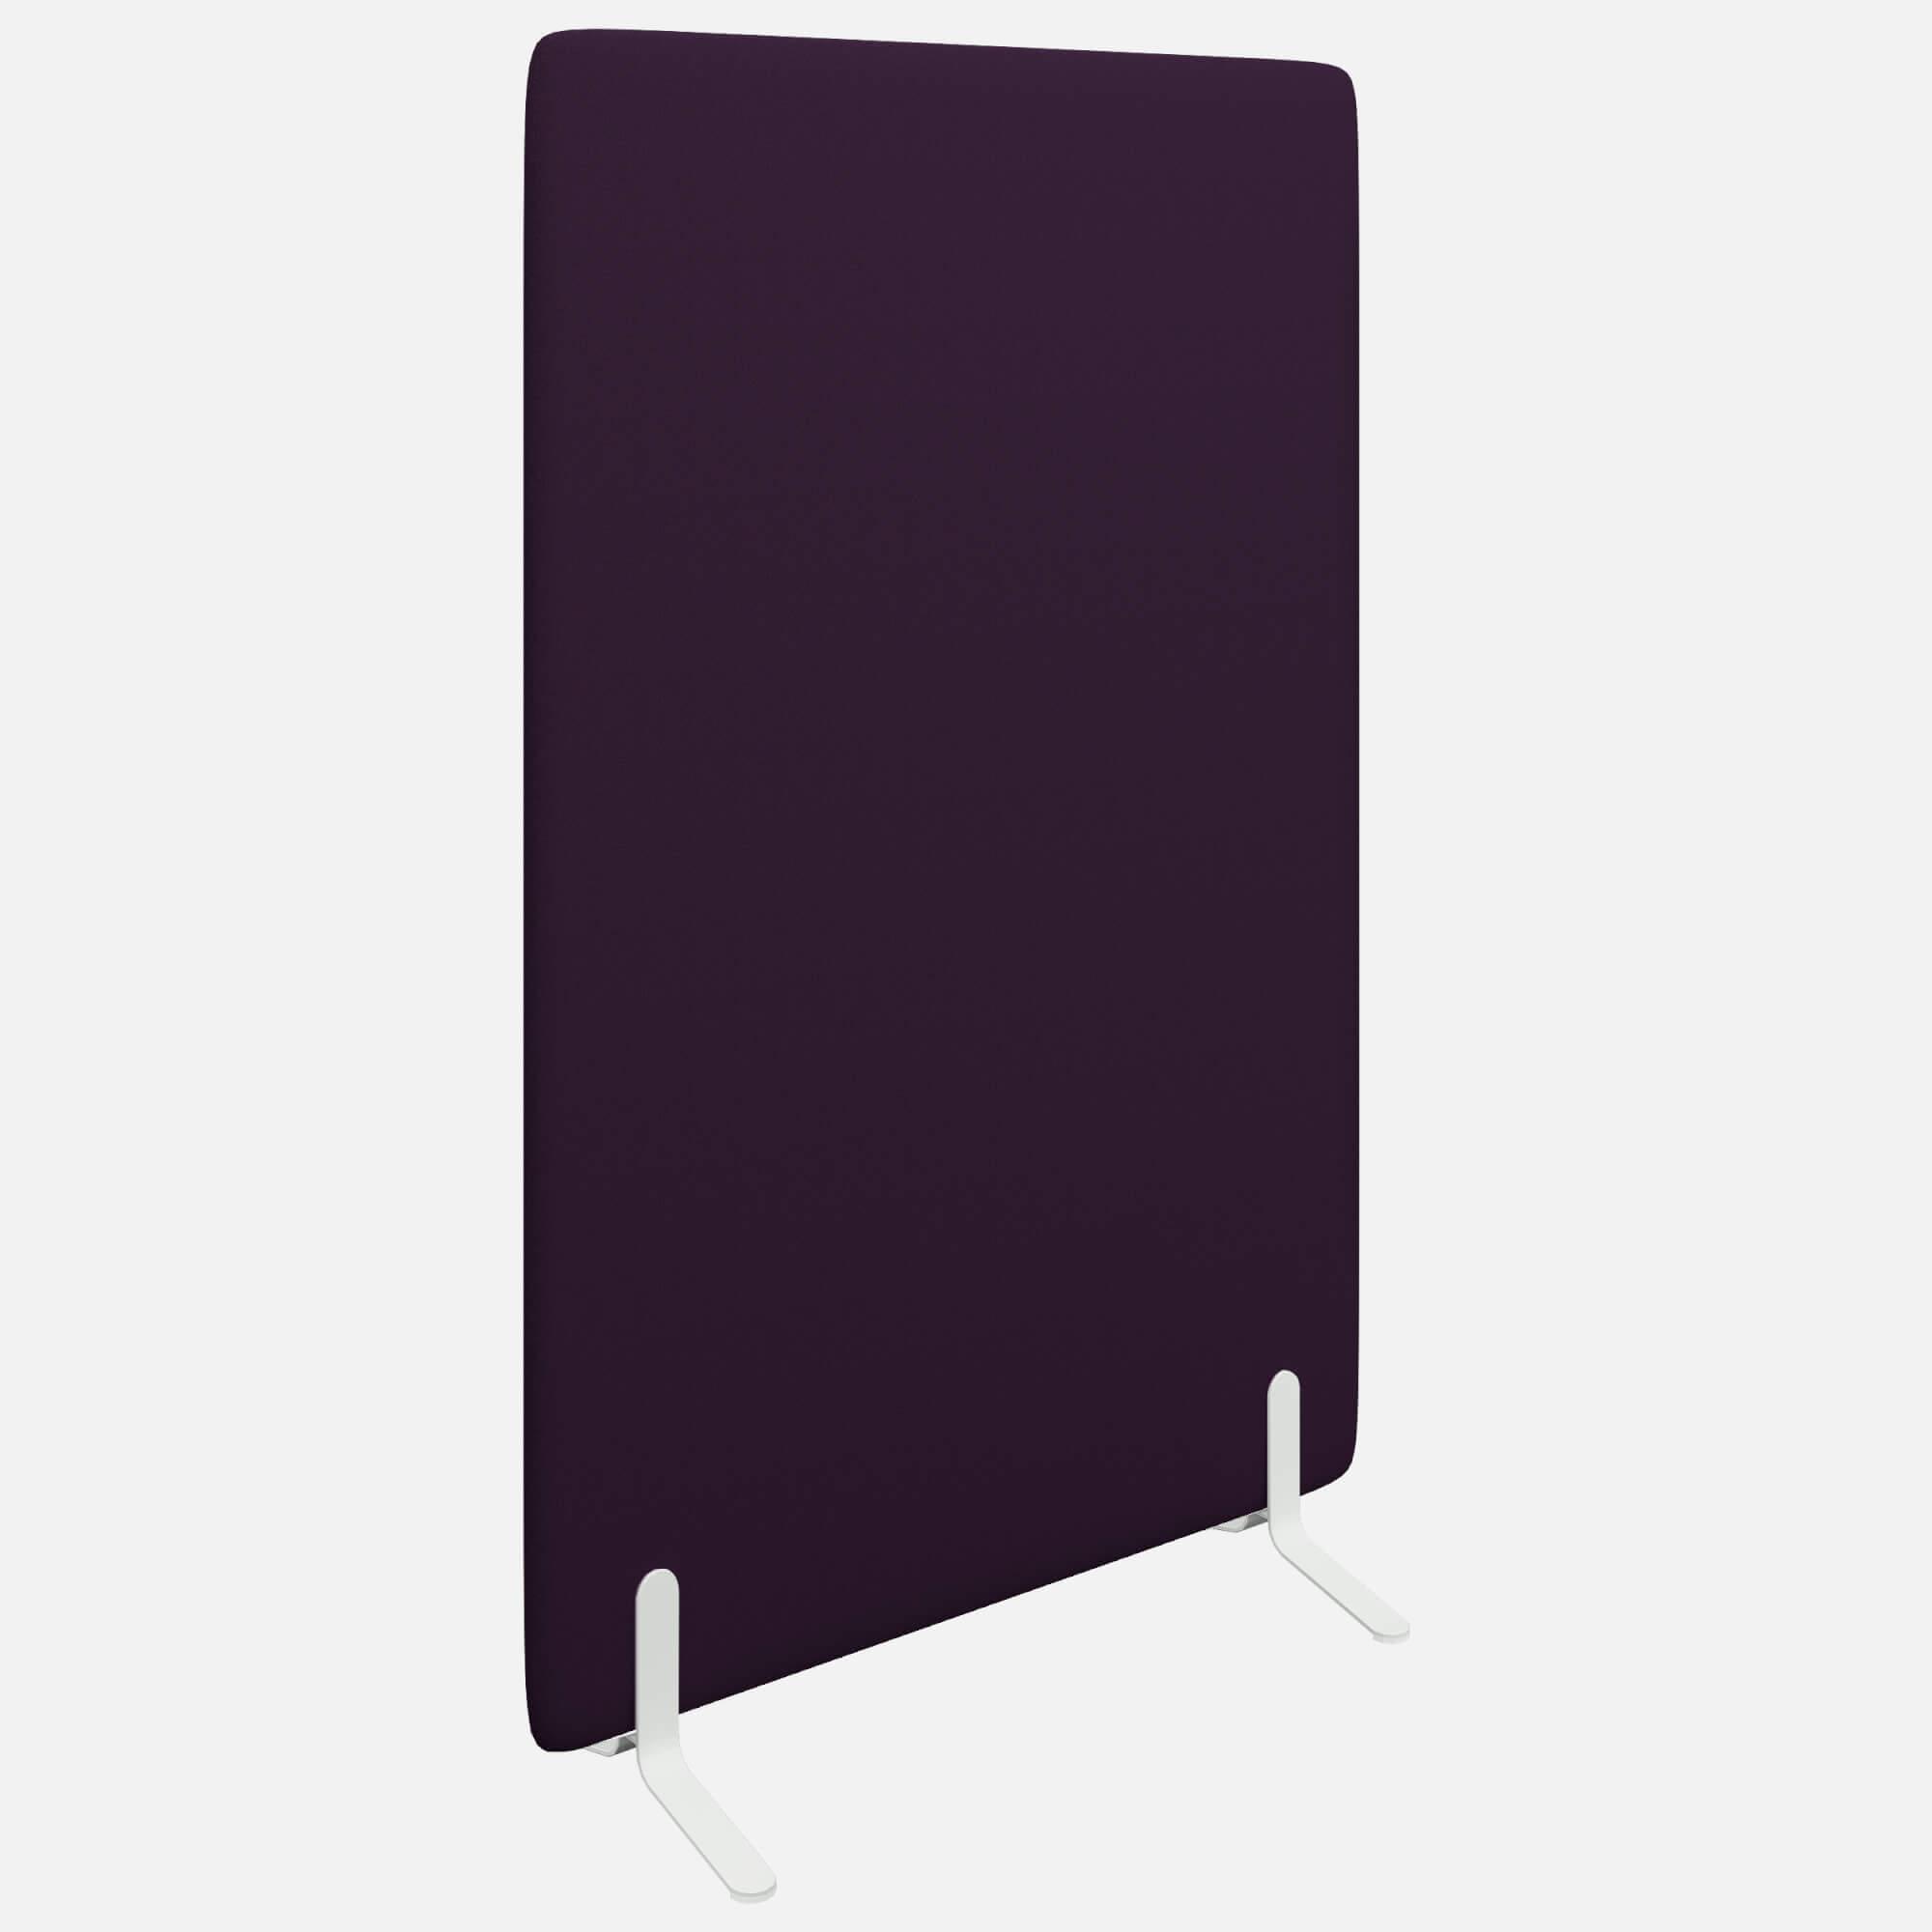 Stellwand Flexible Trennwand DUO Sichtschutz Lärmschutz Schallabsorbierend Raumteiler Akustik